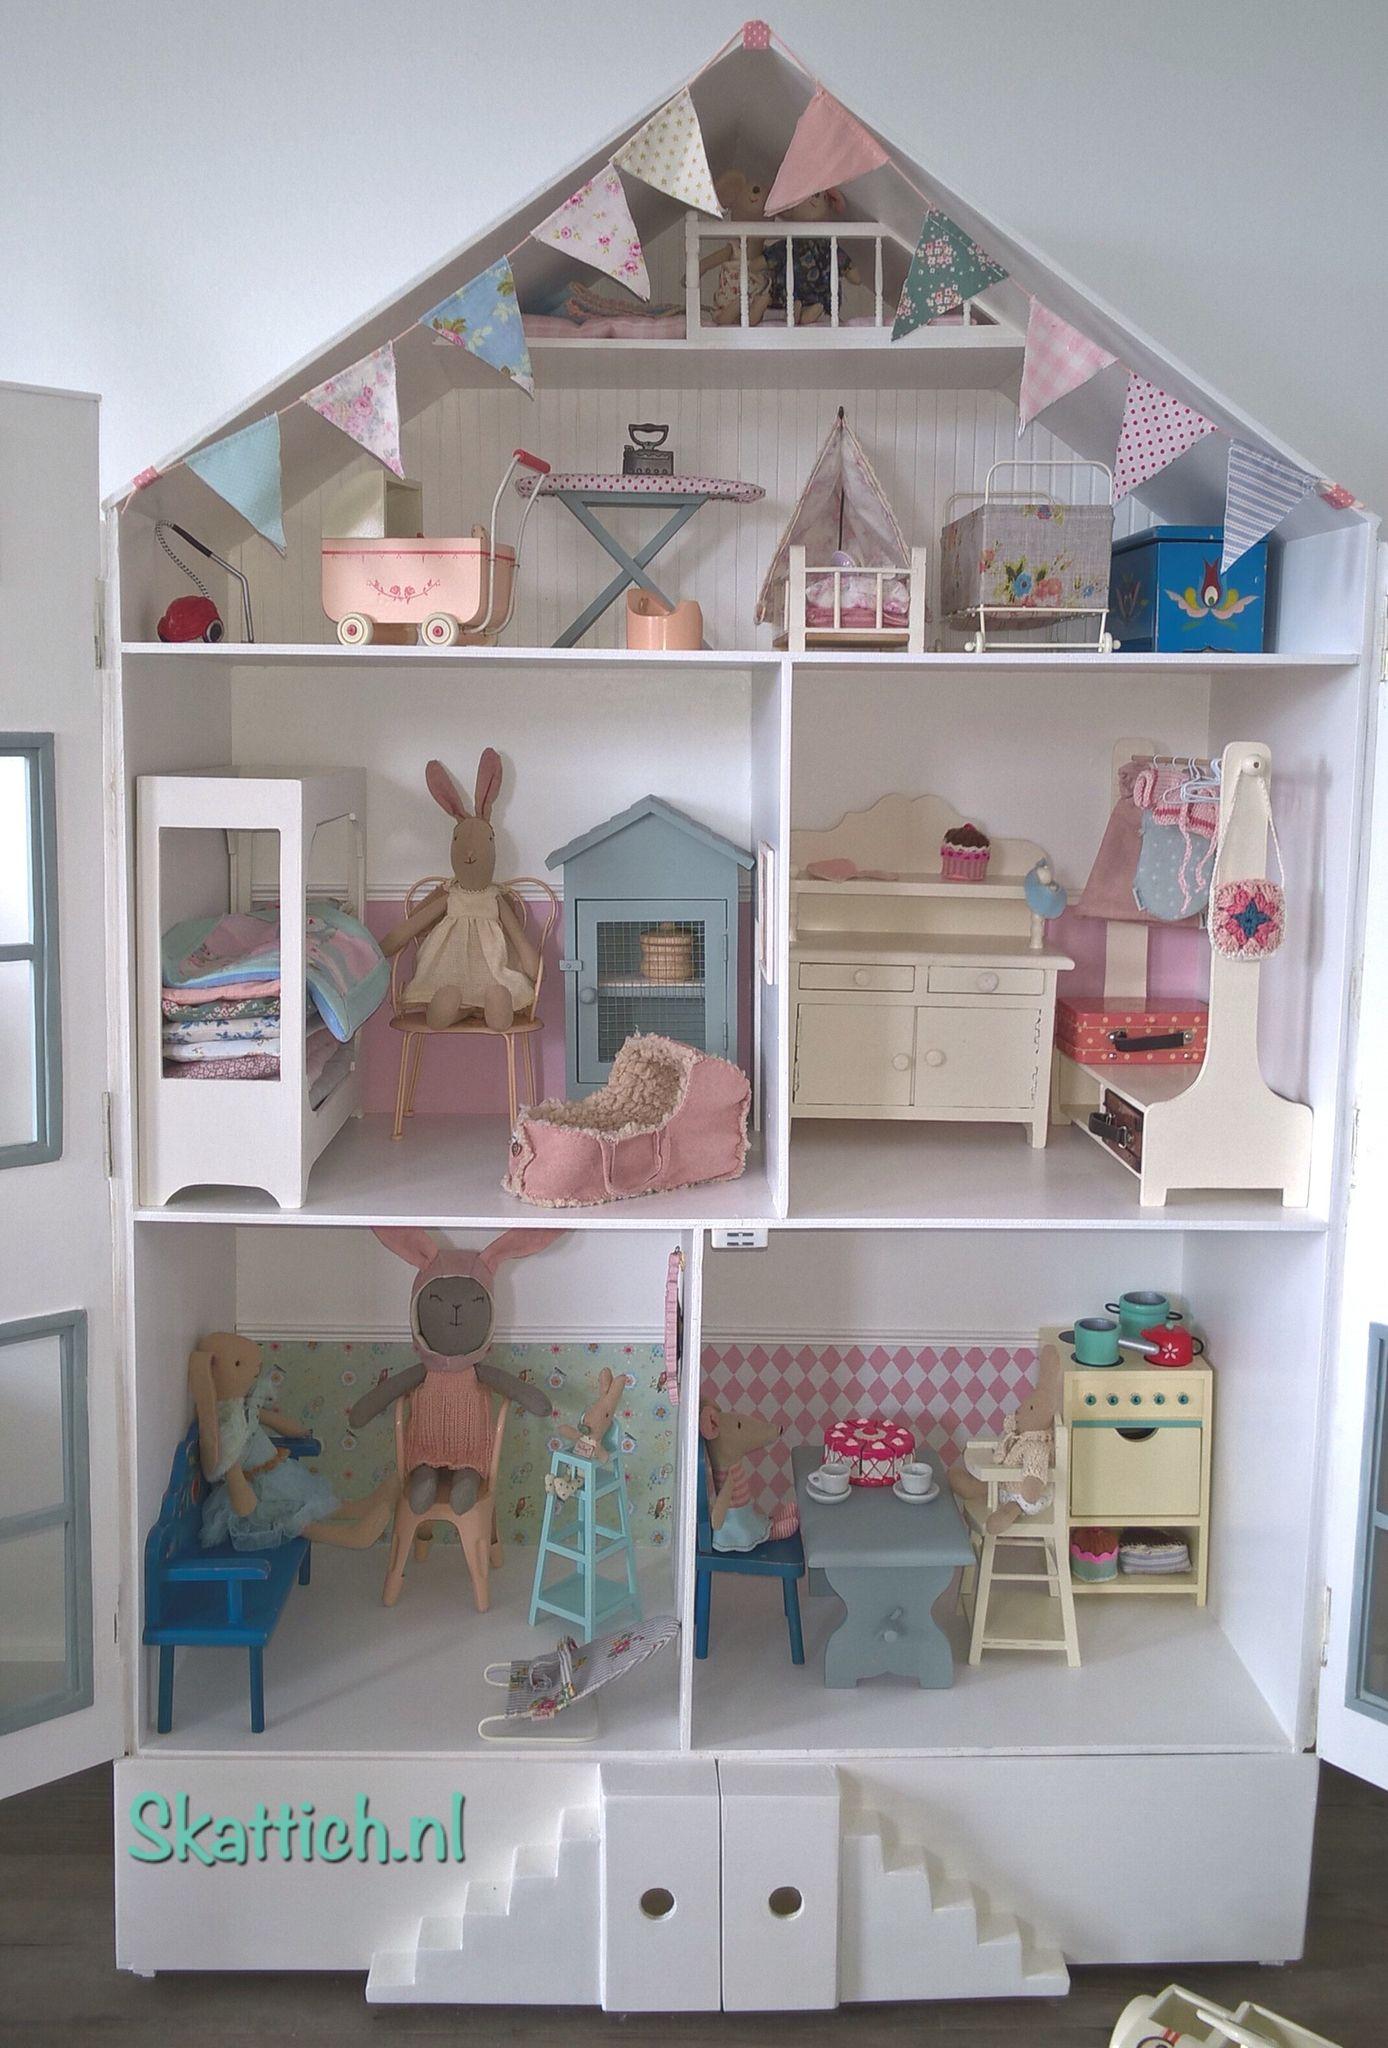 aanbod goedkoop kopen goed uit x Maileg poppenhuis! | Mini meubels maken - Poppenhuizen ...